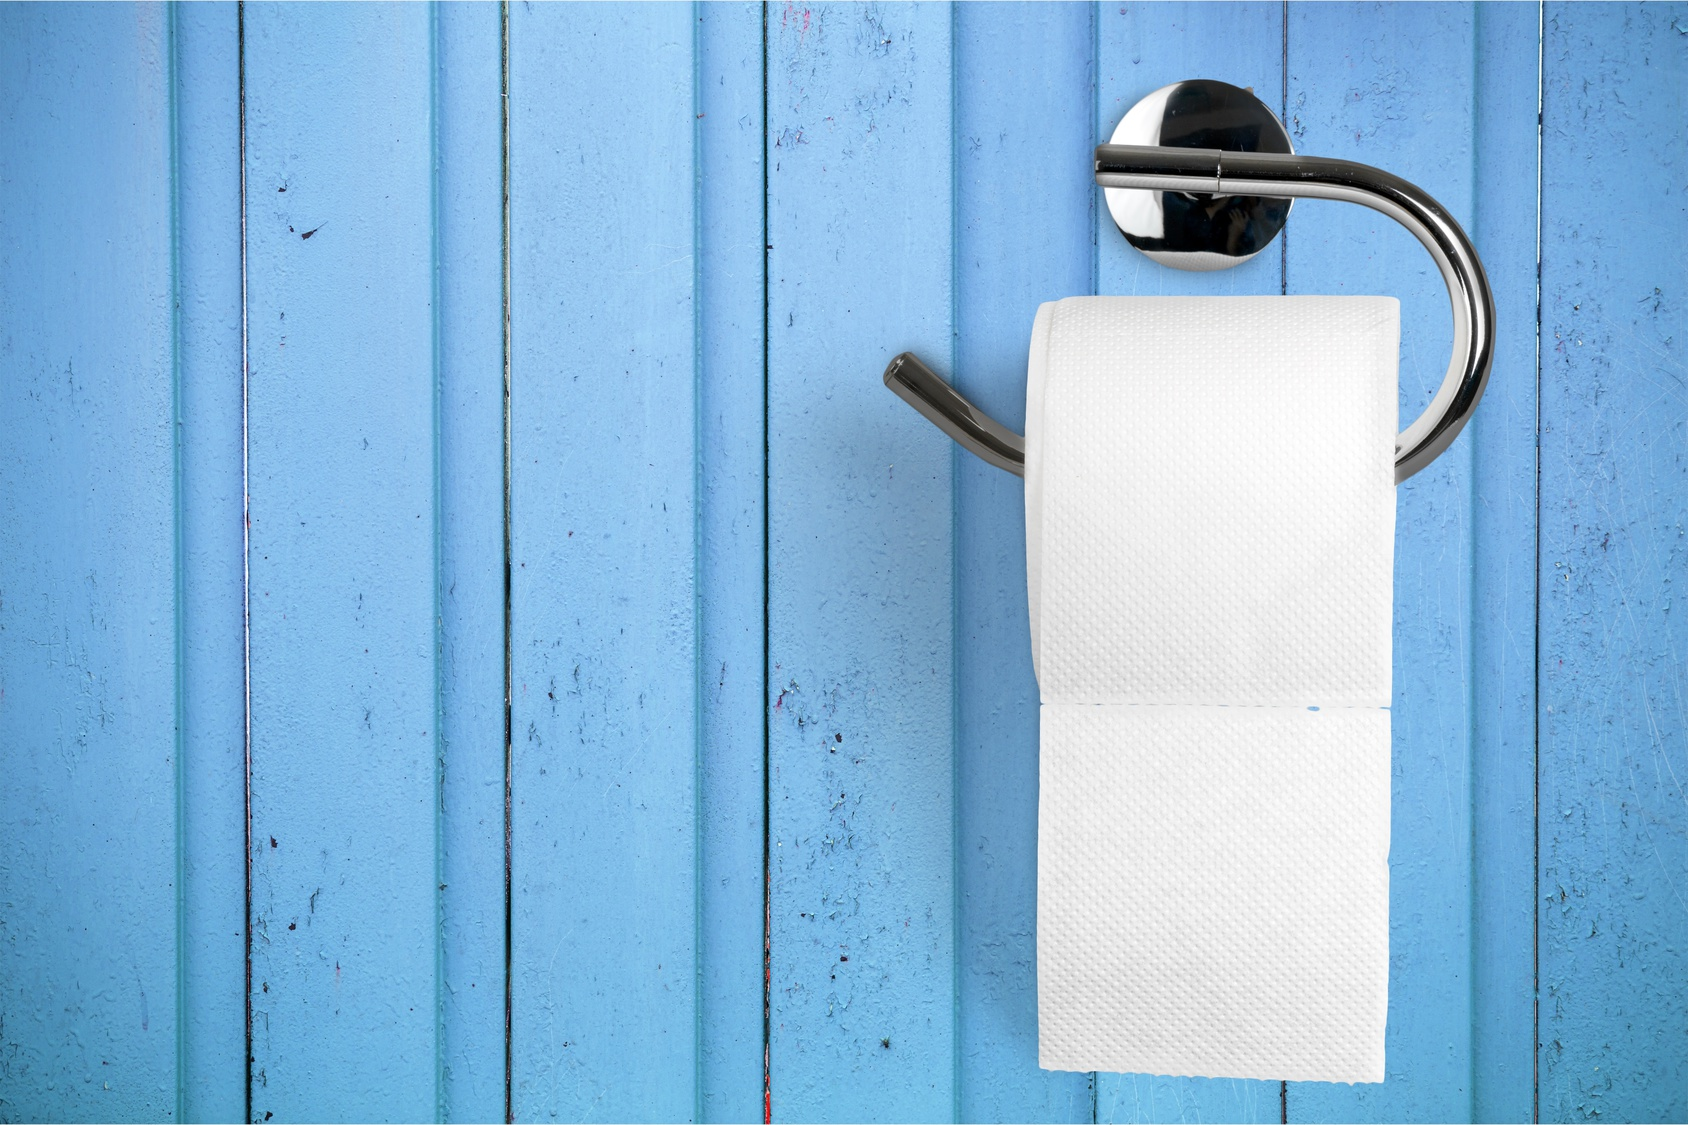 papiertaschent cher hygienepapiere umweltbundesamt. Black Bedroom Furniture Sets. Home Design Ideas